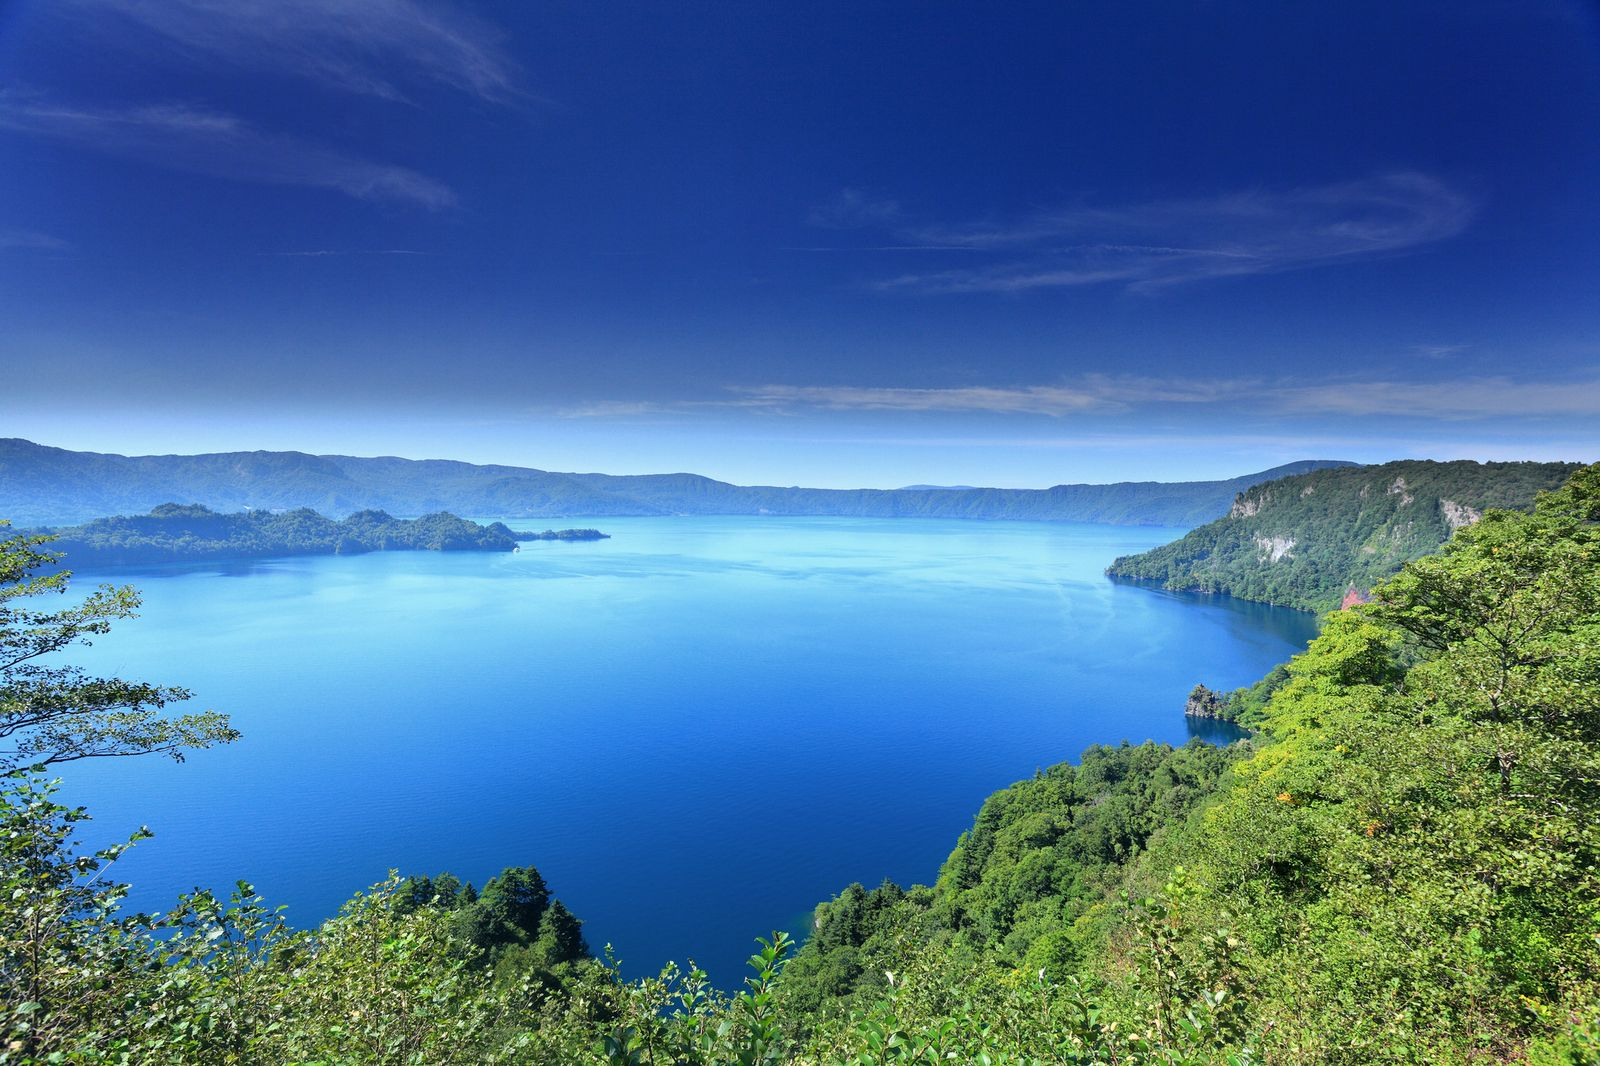 東北の魅力教えます!東北のおすすめ観光スポットランキングTOP20                当サイト内のおでかけ情報に関してこのまとめ記事の目次